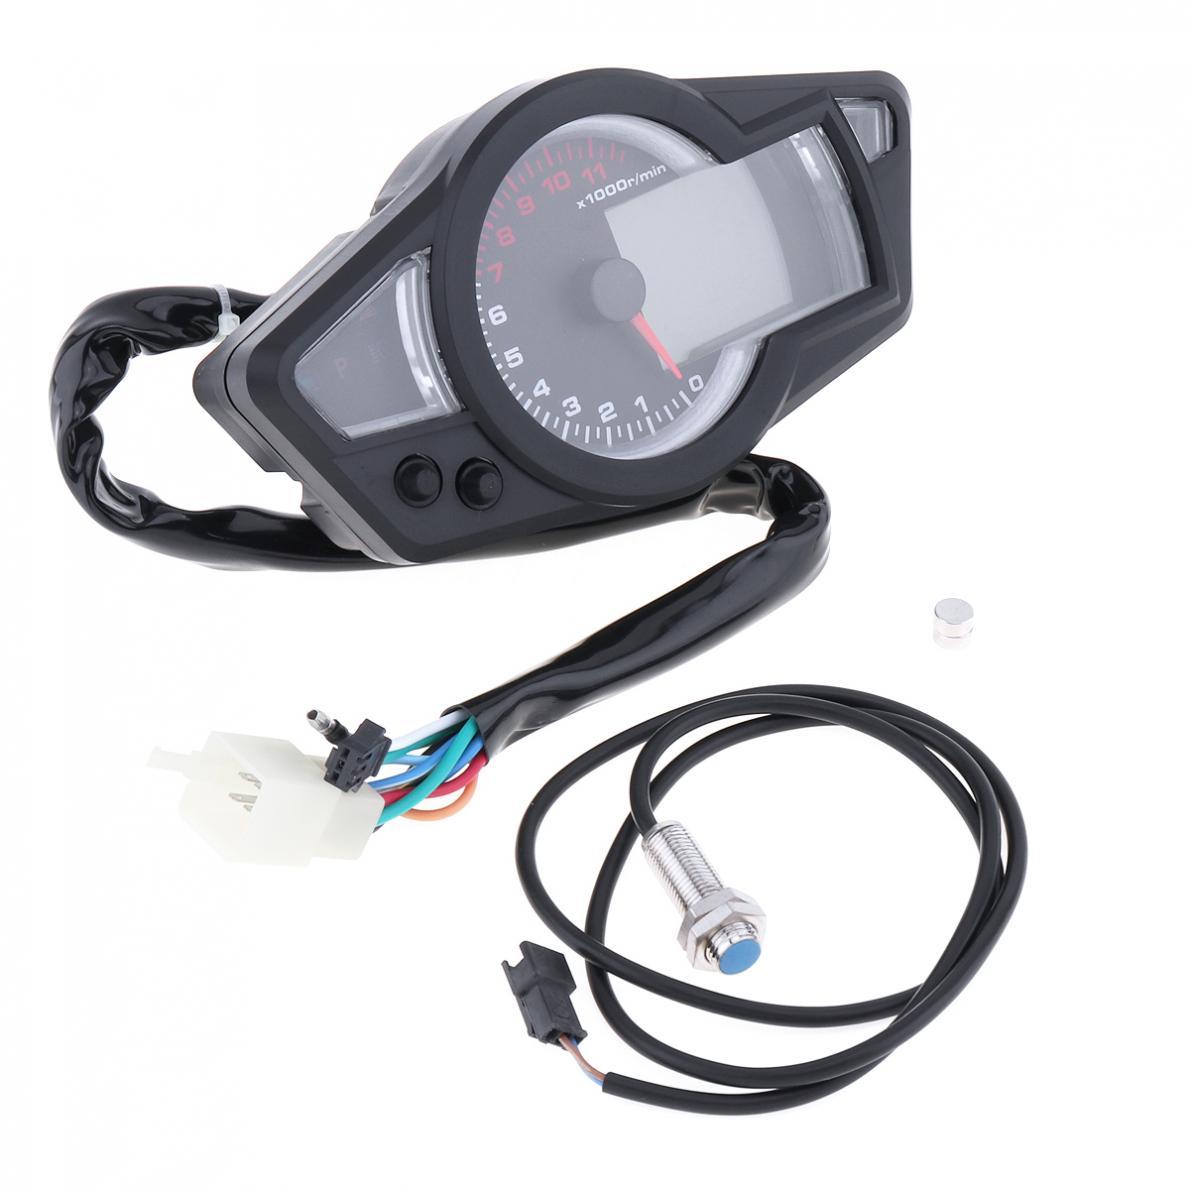 Tachymètre noir universel bleu LCD rétro-éclairage compteur de vitesse odomètre tableau de bord moto